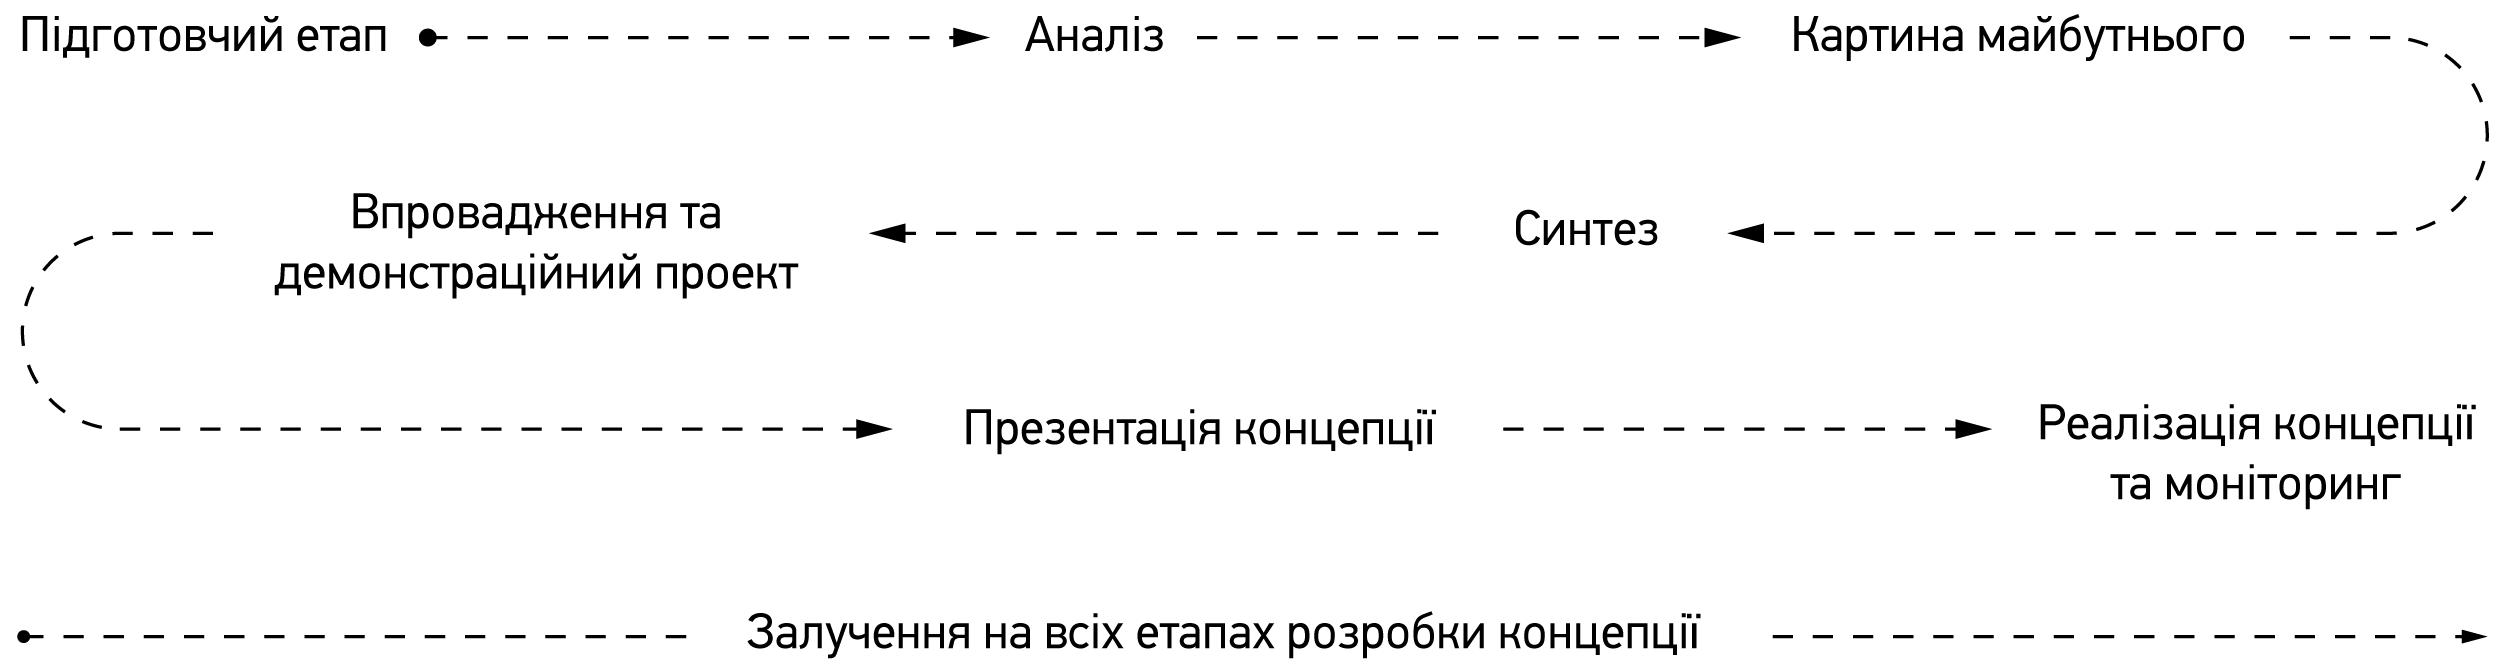 етапи___1